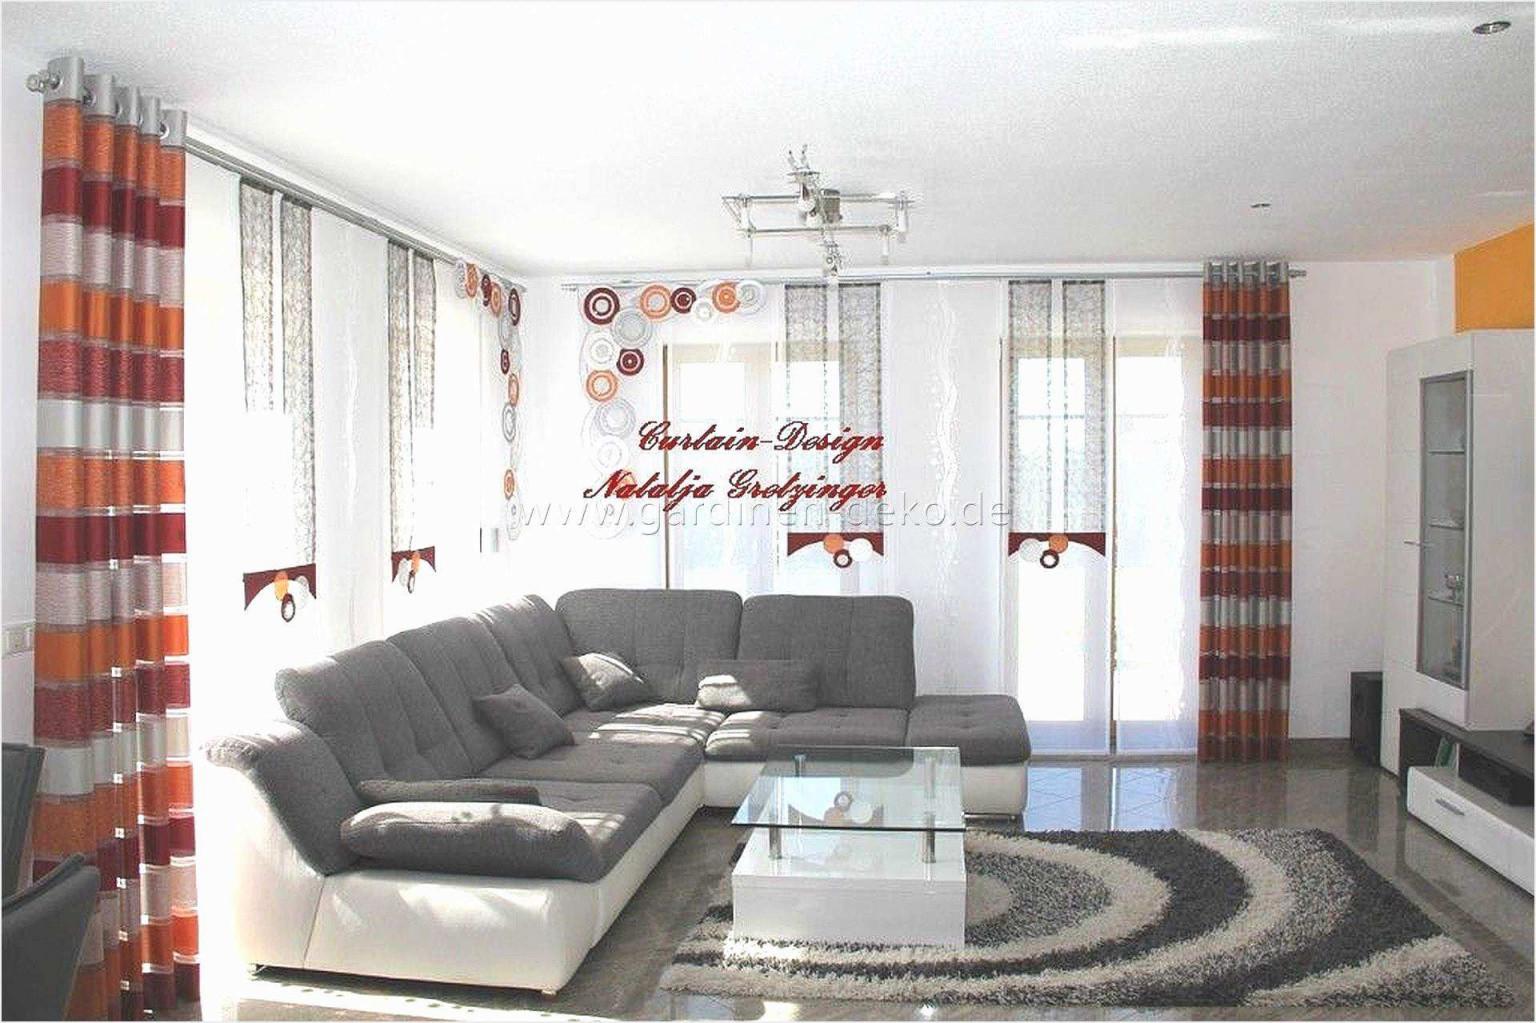 Große Led Deckenleuchte Einzigartig Neu Großes Wohnzimmer von Deckenleuchte Großes Wohnzimmer Photo